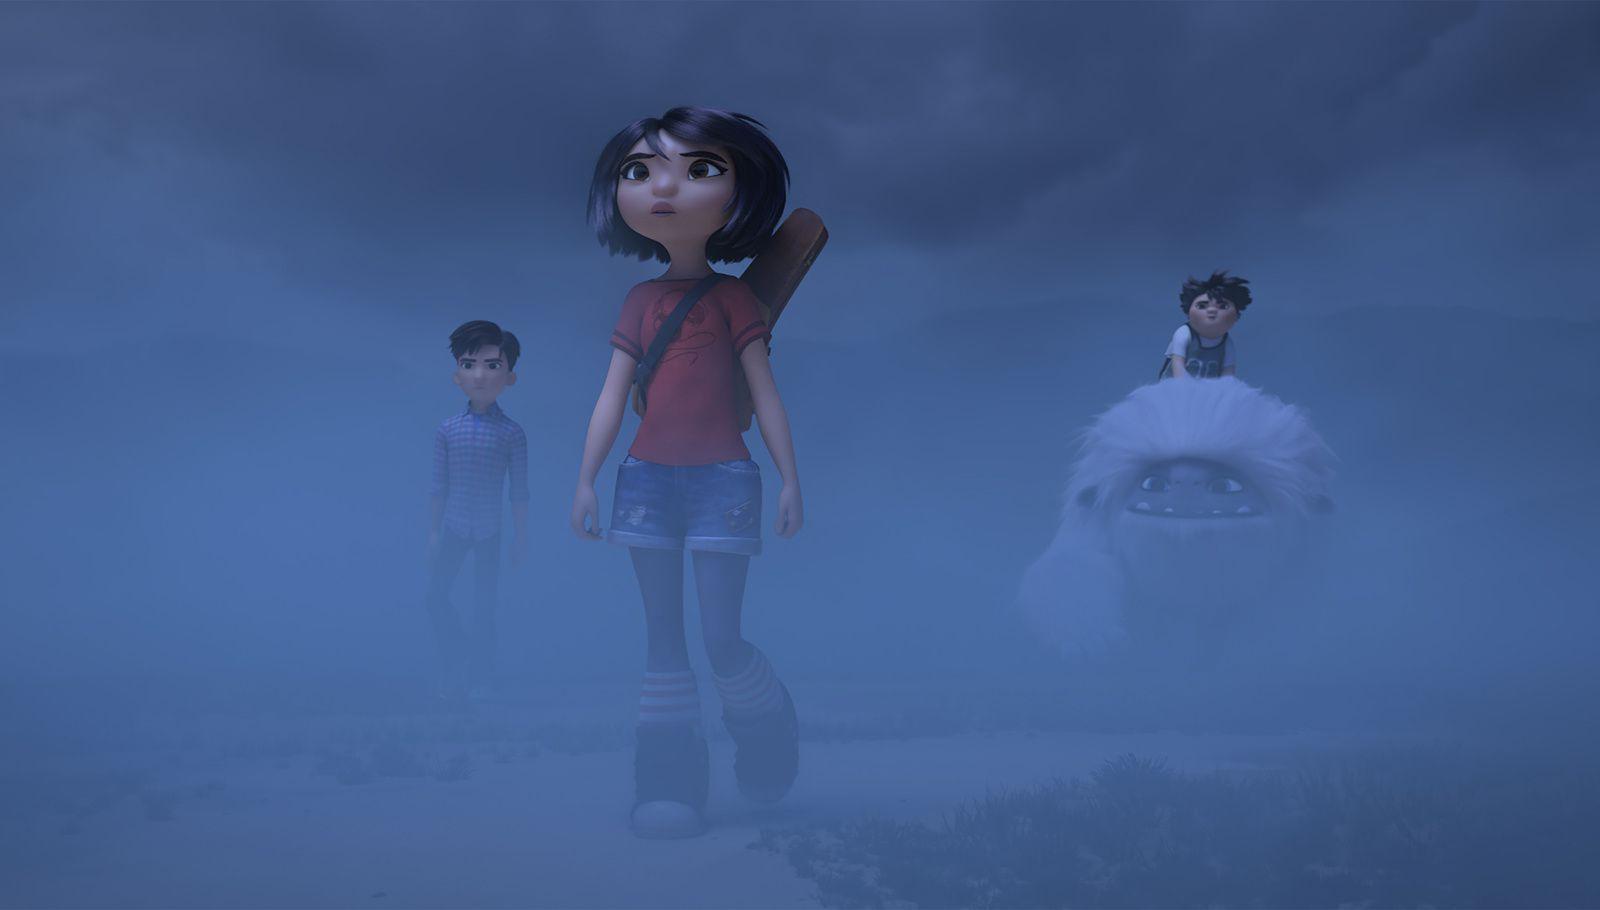 Abominable (BANDE-ANNONCE) avec les voix de Chloe Bennet, Claudia Kim - Le 23 octobre 2019 au cinéma